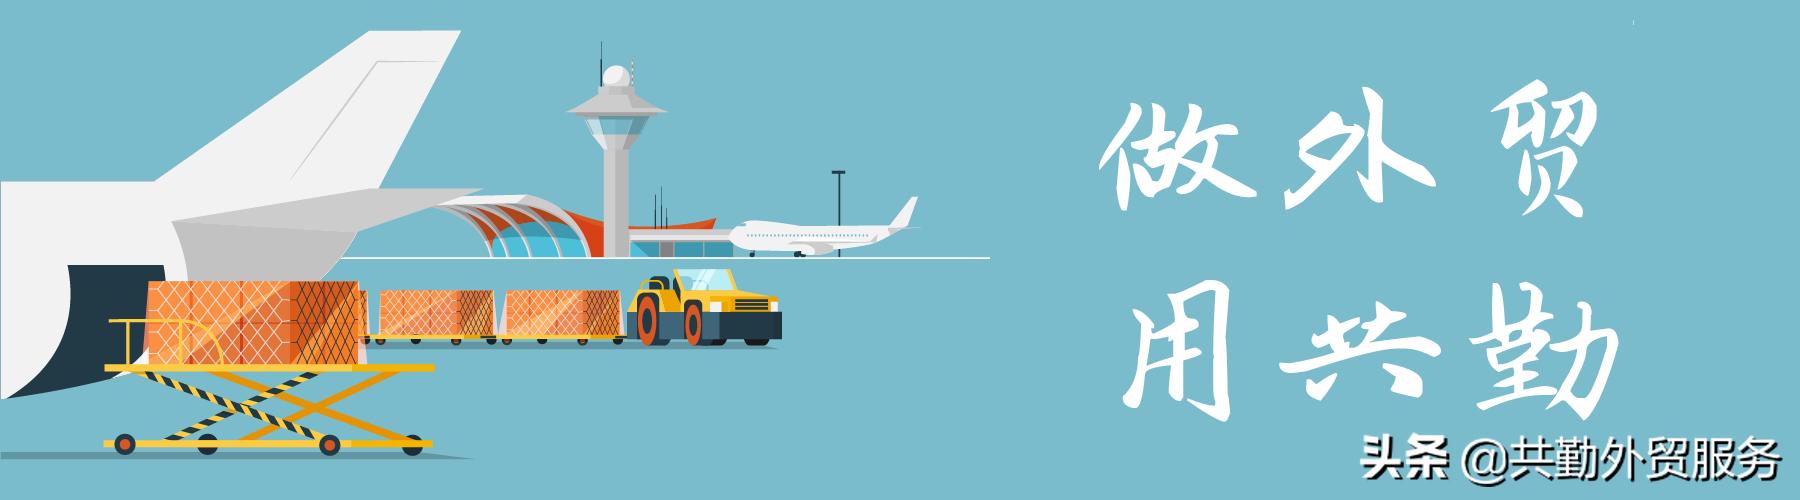 通常参考的集装箱航运运价各种权威指数都失灵了